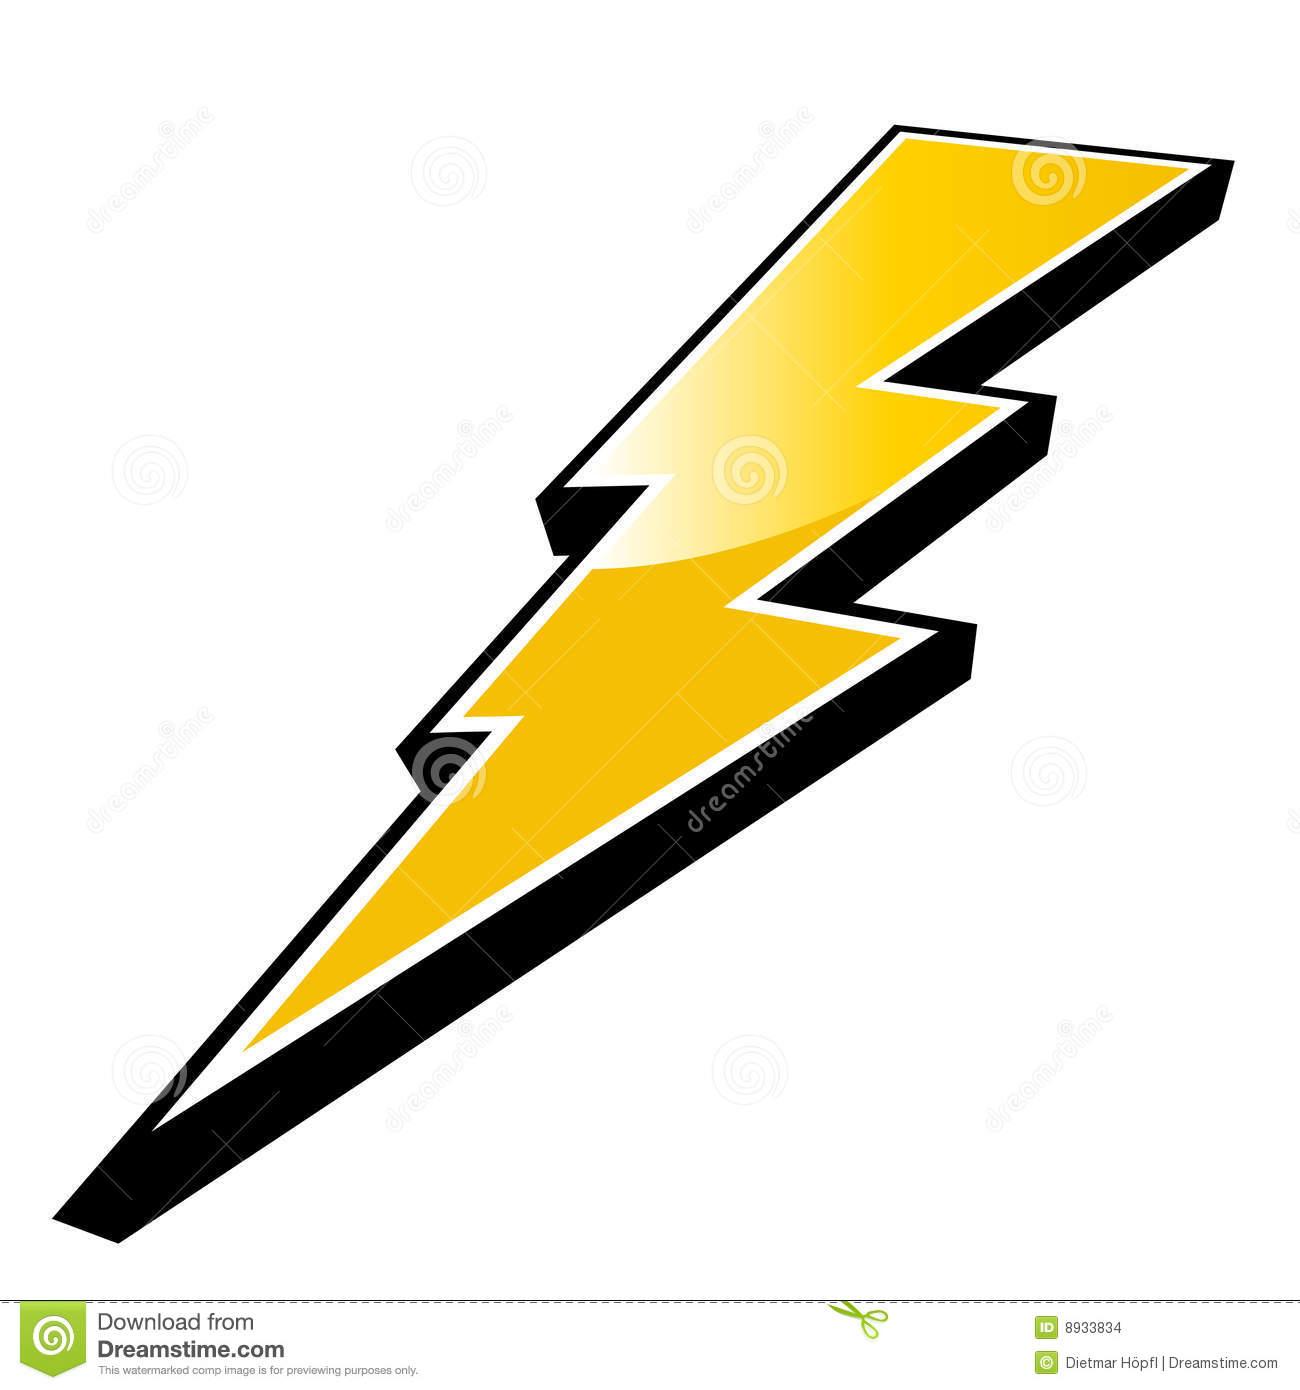 pin Zeus clipart thunderbolt #5 - Zeus Thunderbolt PNG